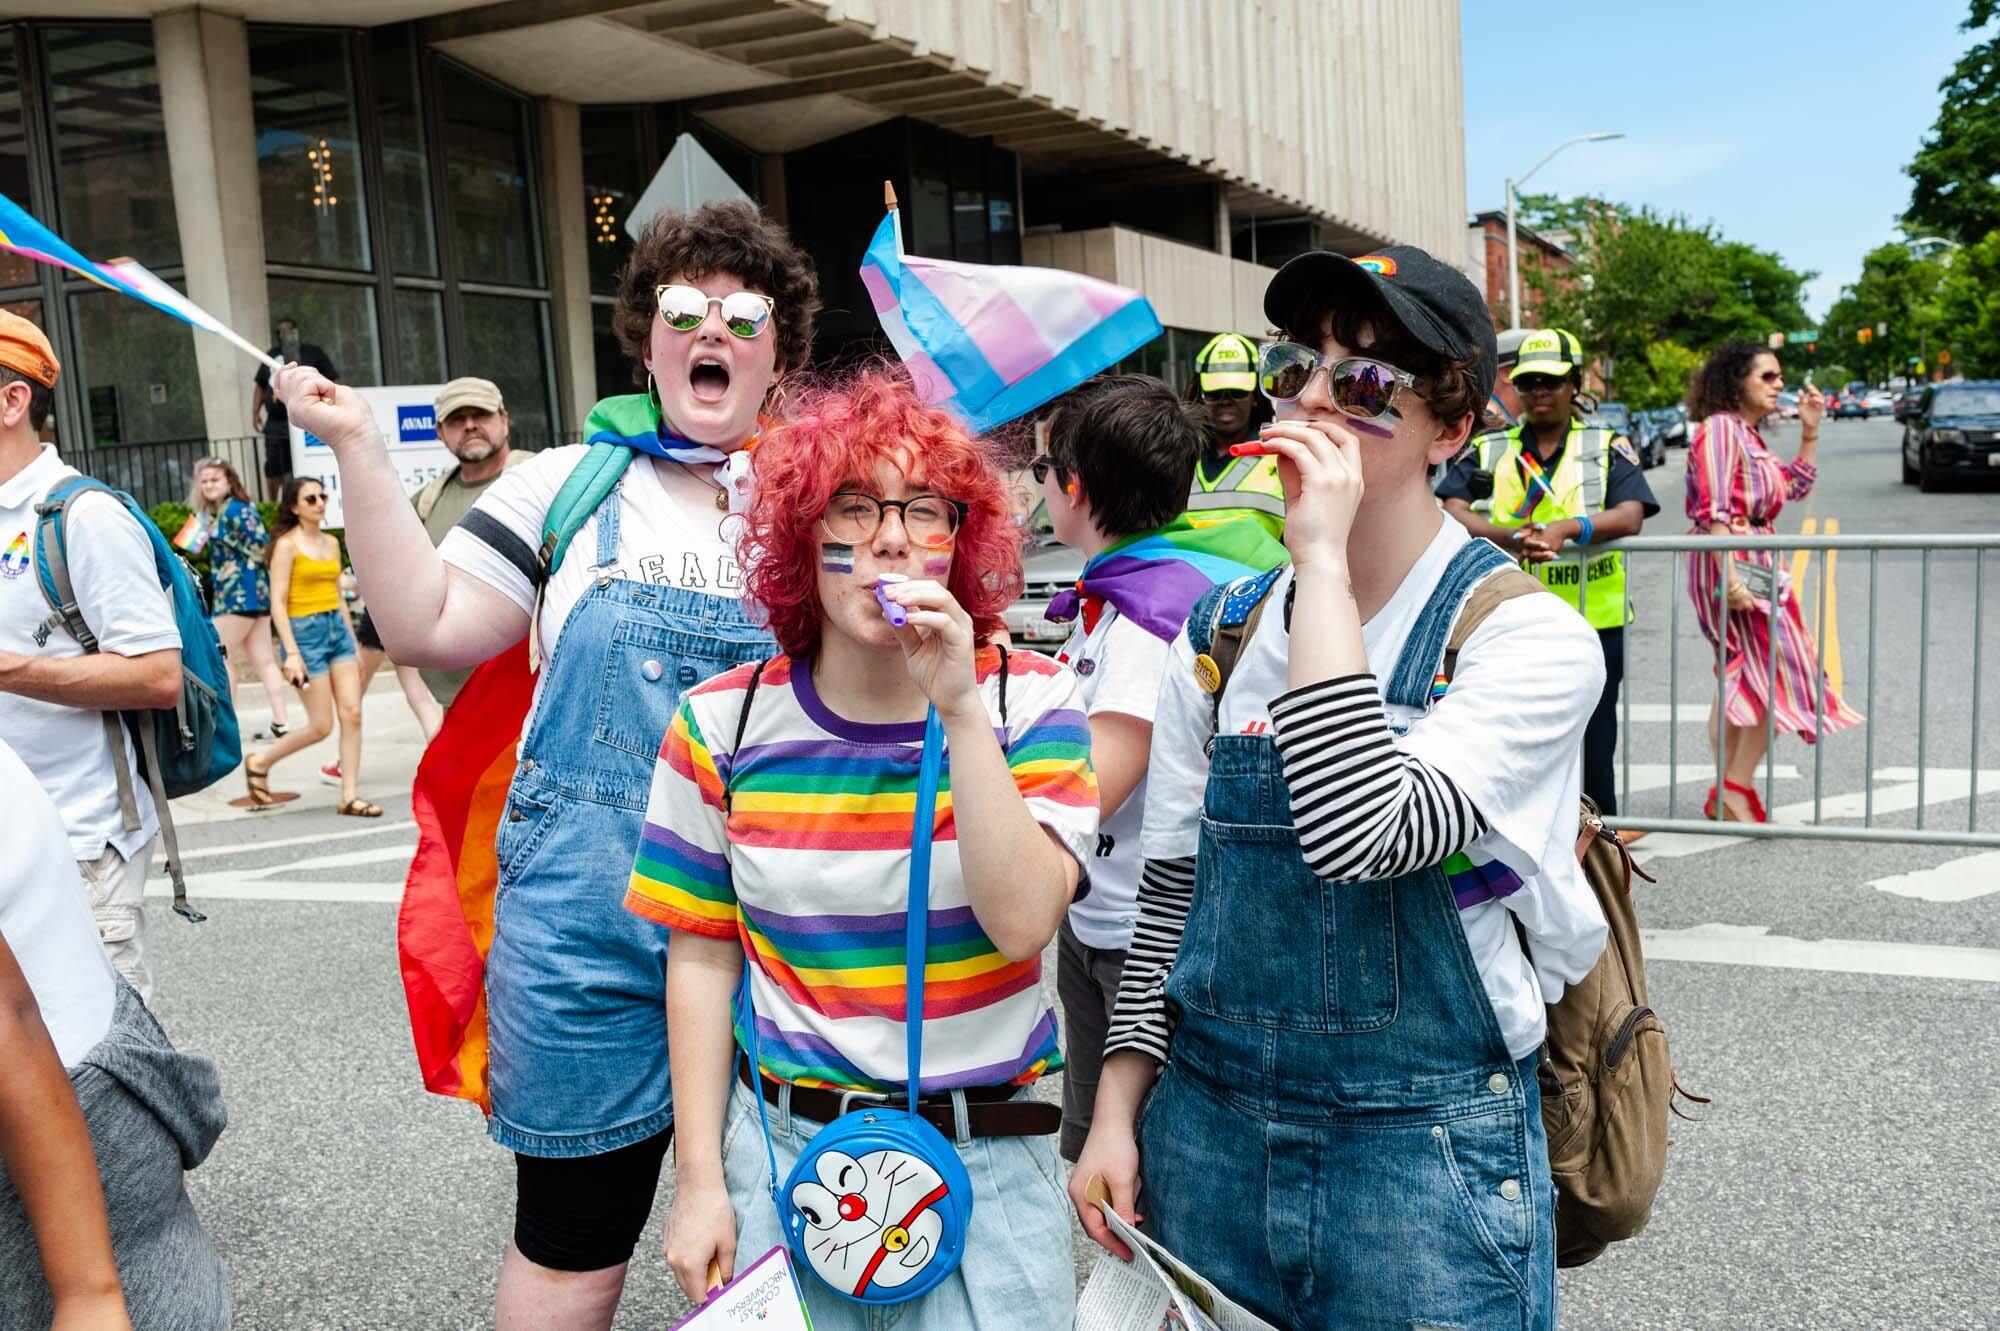 Emily Lewis Creative_Baltimore Pride Parade_2019-06-15-81.jpg